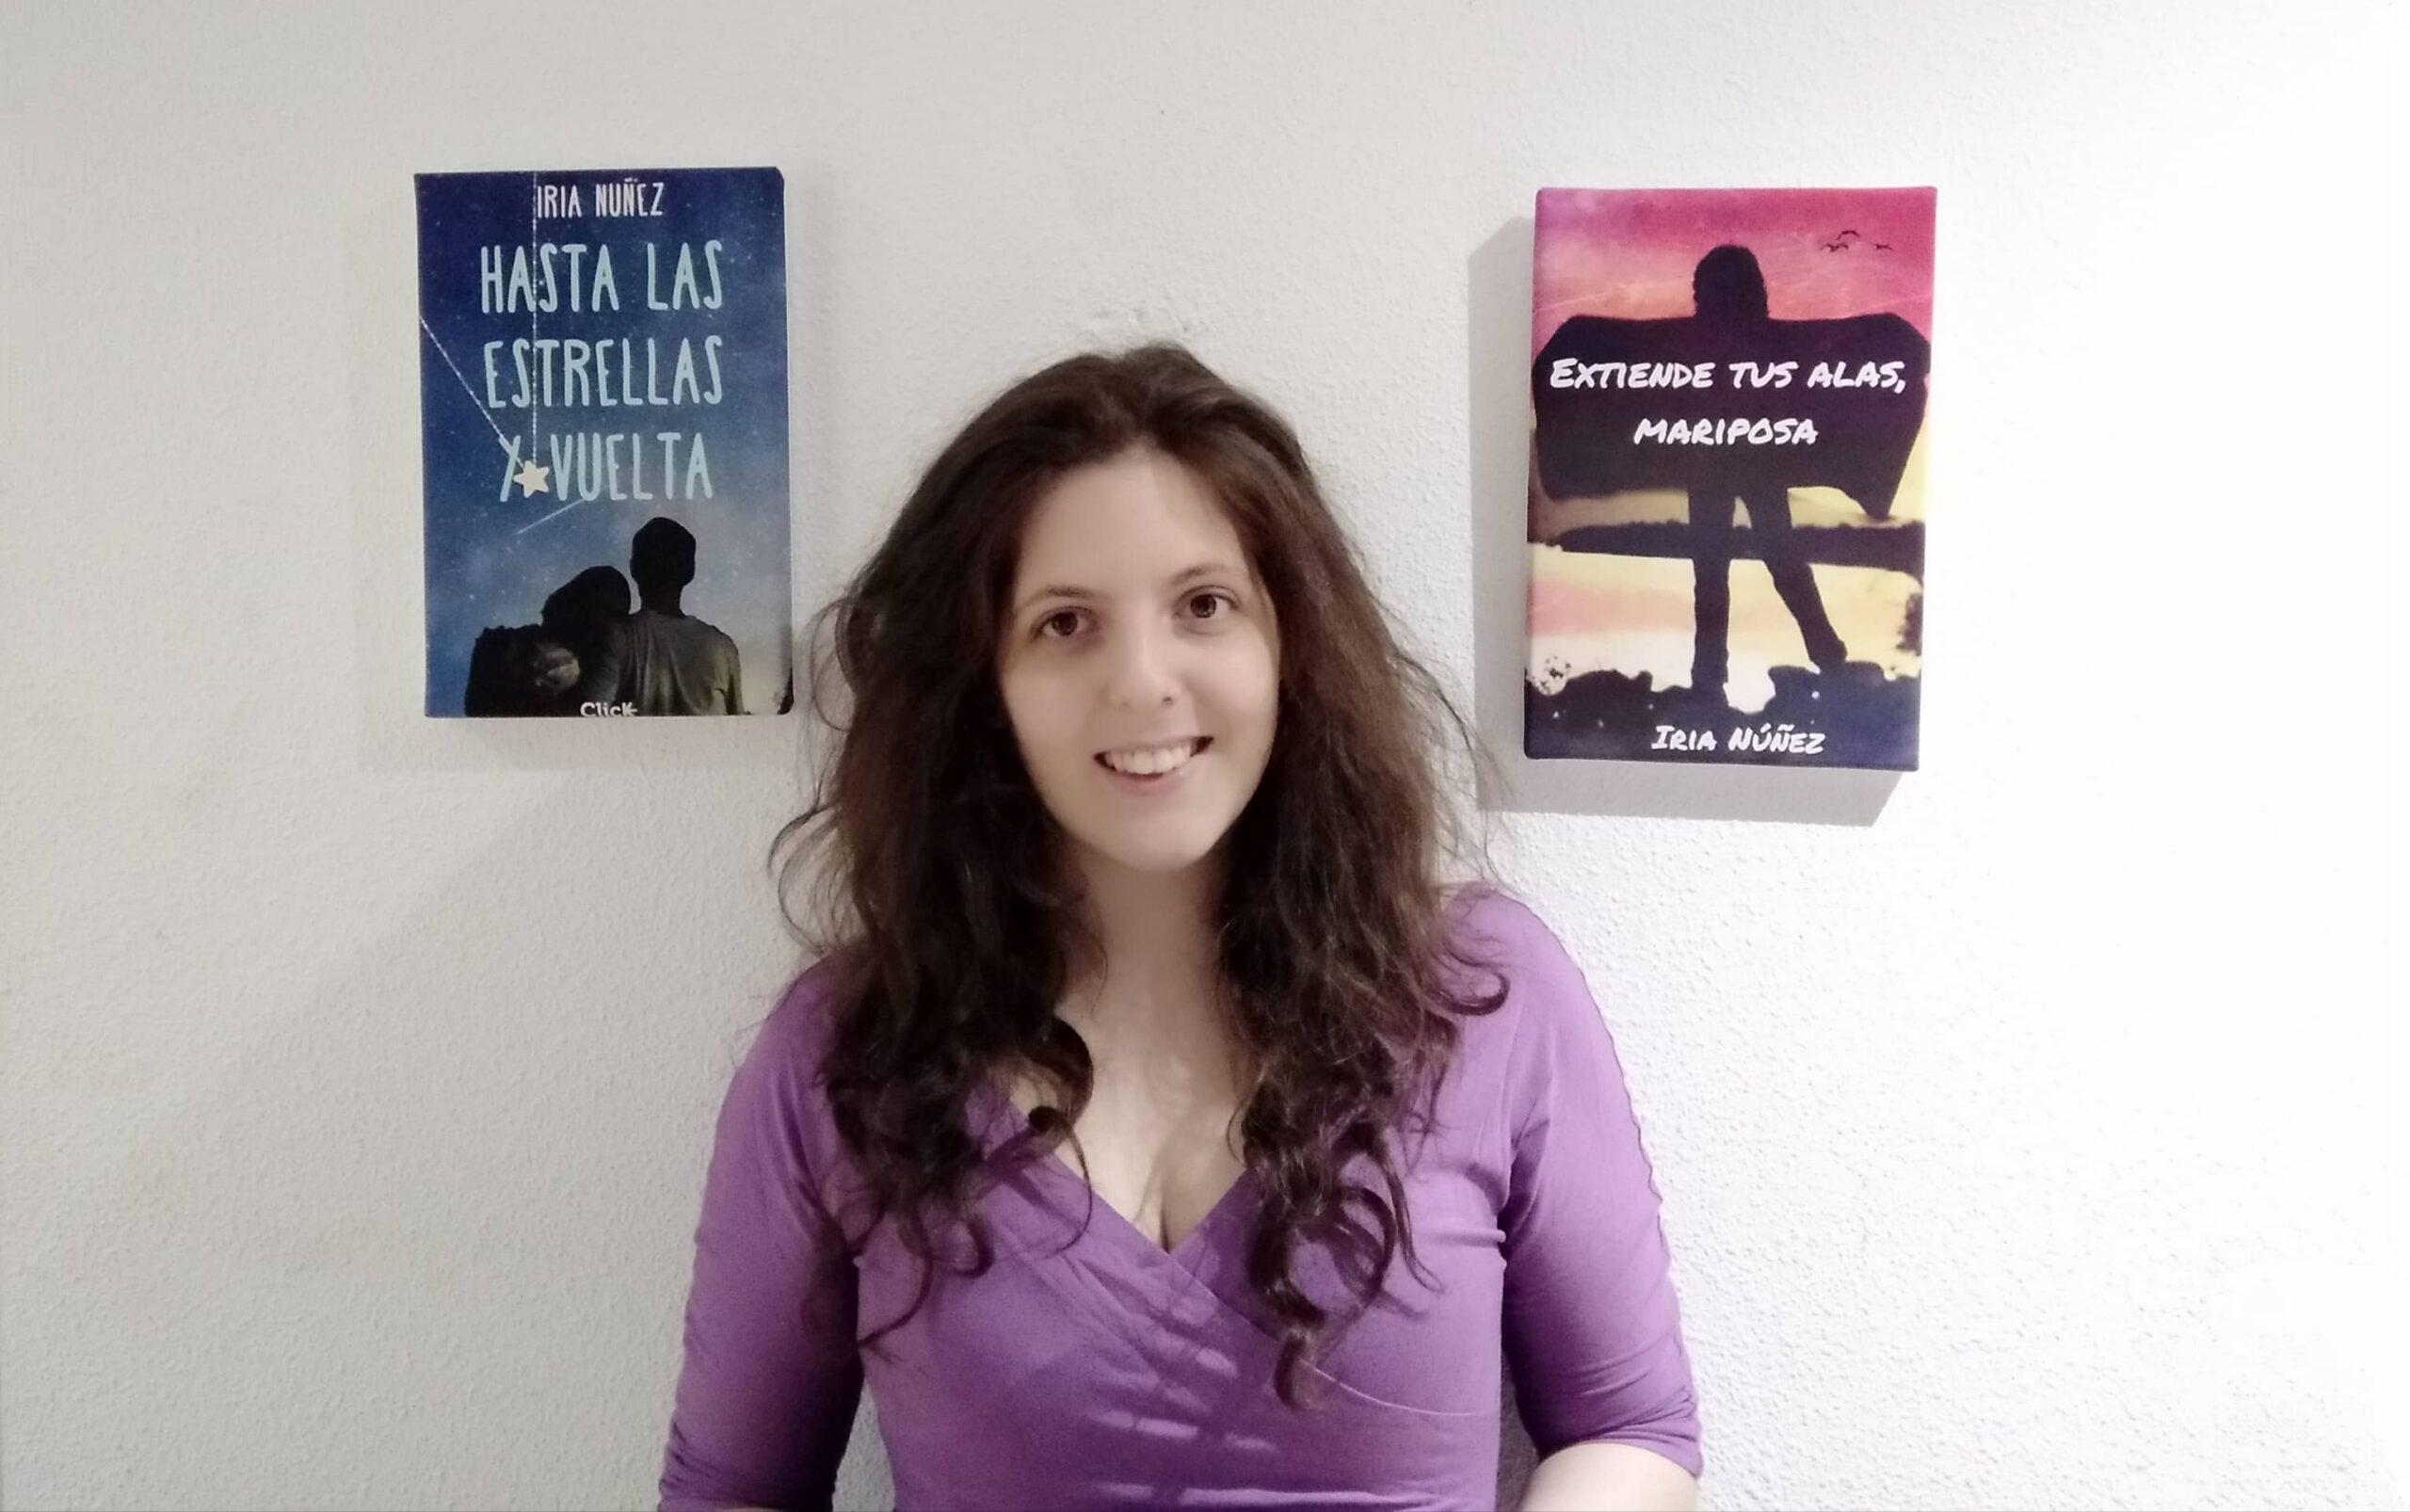 Entrevista a Iría Núñez, autora de «Hasta las estrellas y vuelta» y «Extiende tus alas, mariposa»